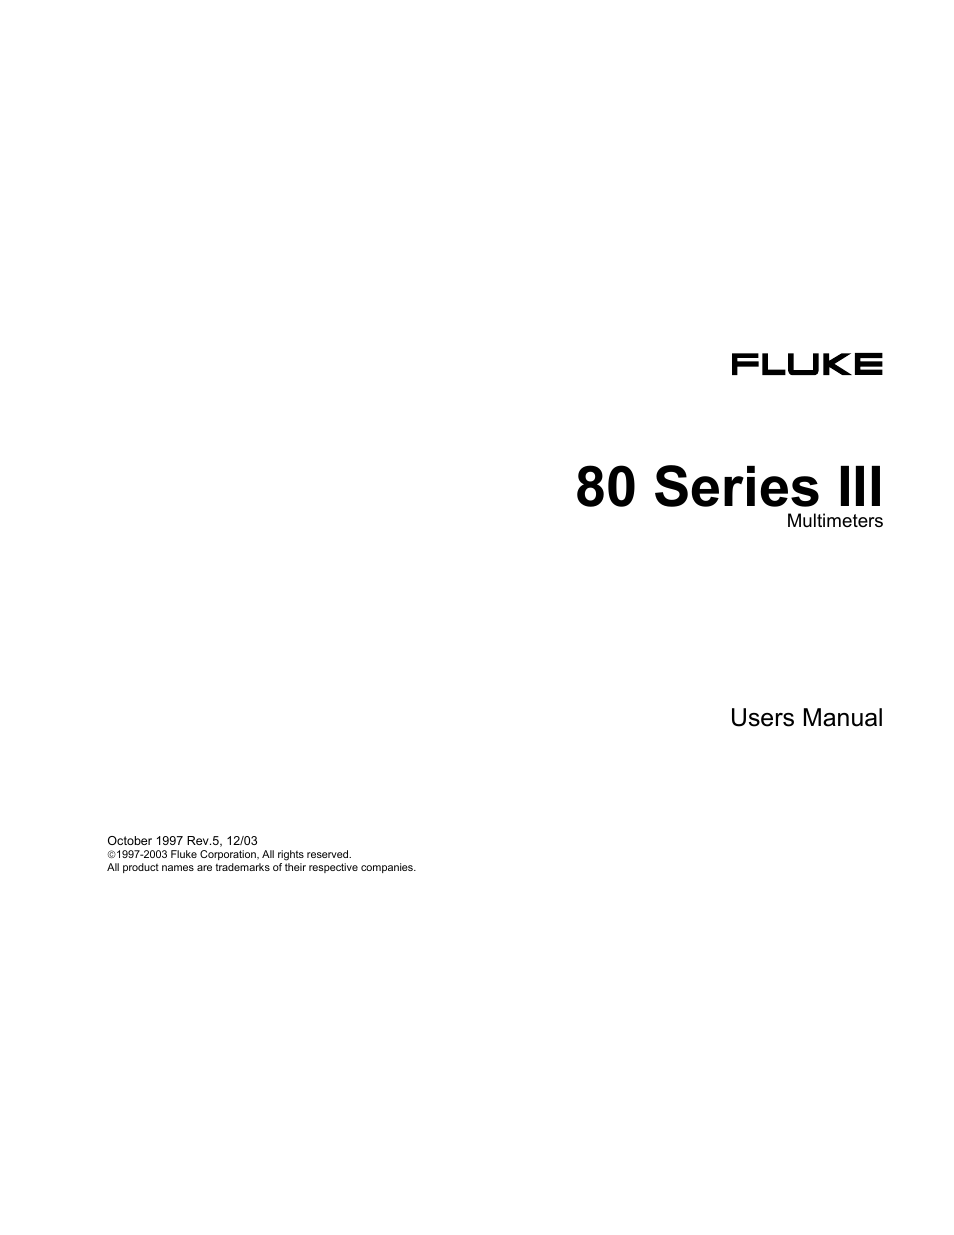 Fluke 87 III User Manual | 58 pages | Also for: 80 Series III, 83 III, 85  III